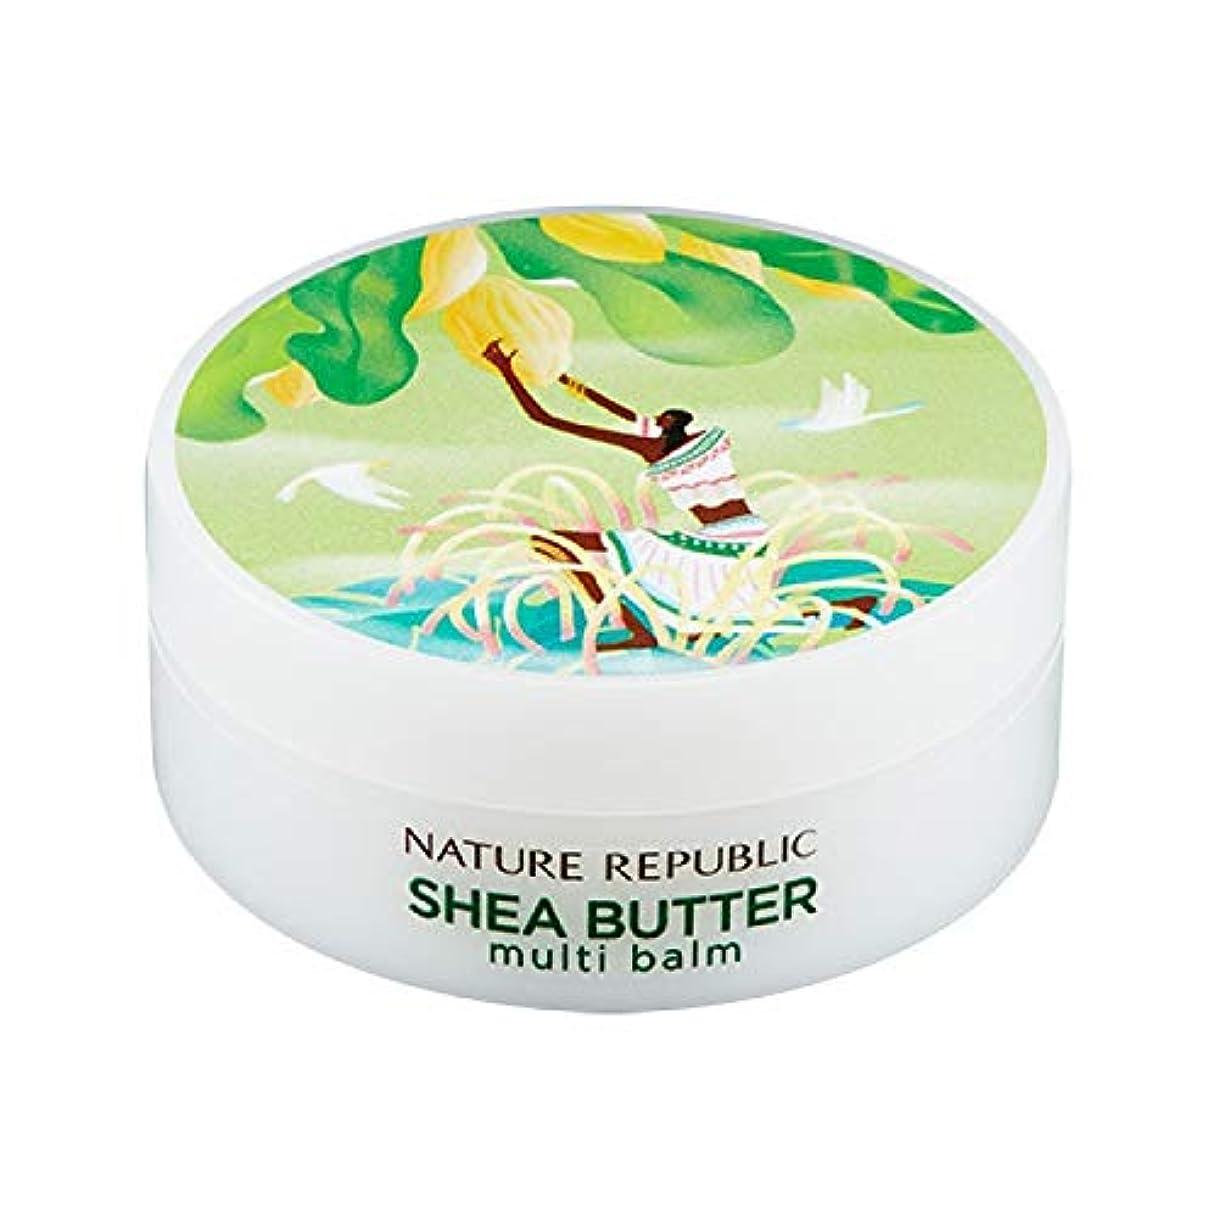 アスリート天気流産ネイチャーリパブリック(Nature Republic)シェアバターマルチバーム 20g / Shea butter multi balm 20g :: 韓国コスメ [並行輸入品]